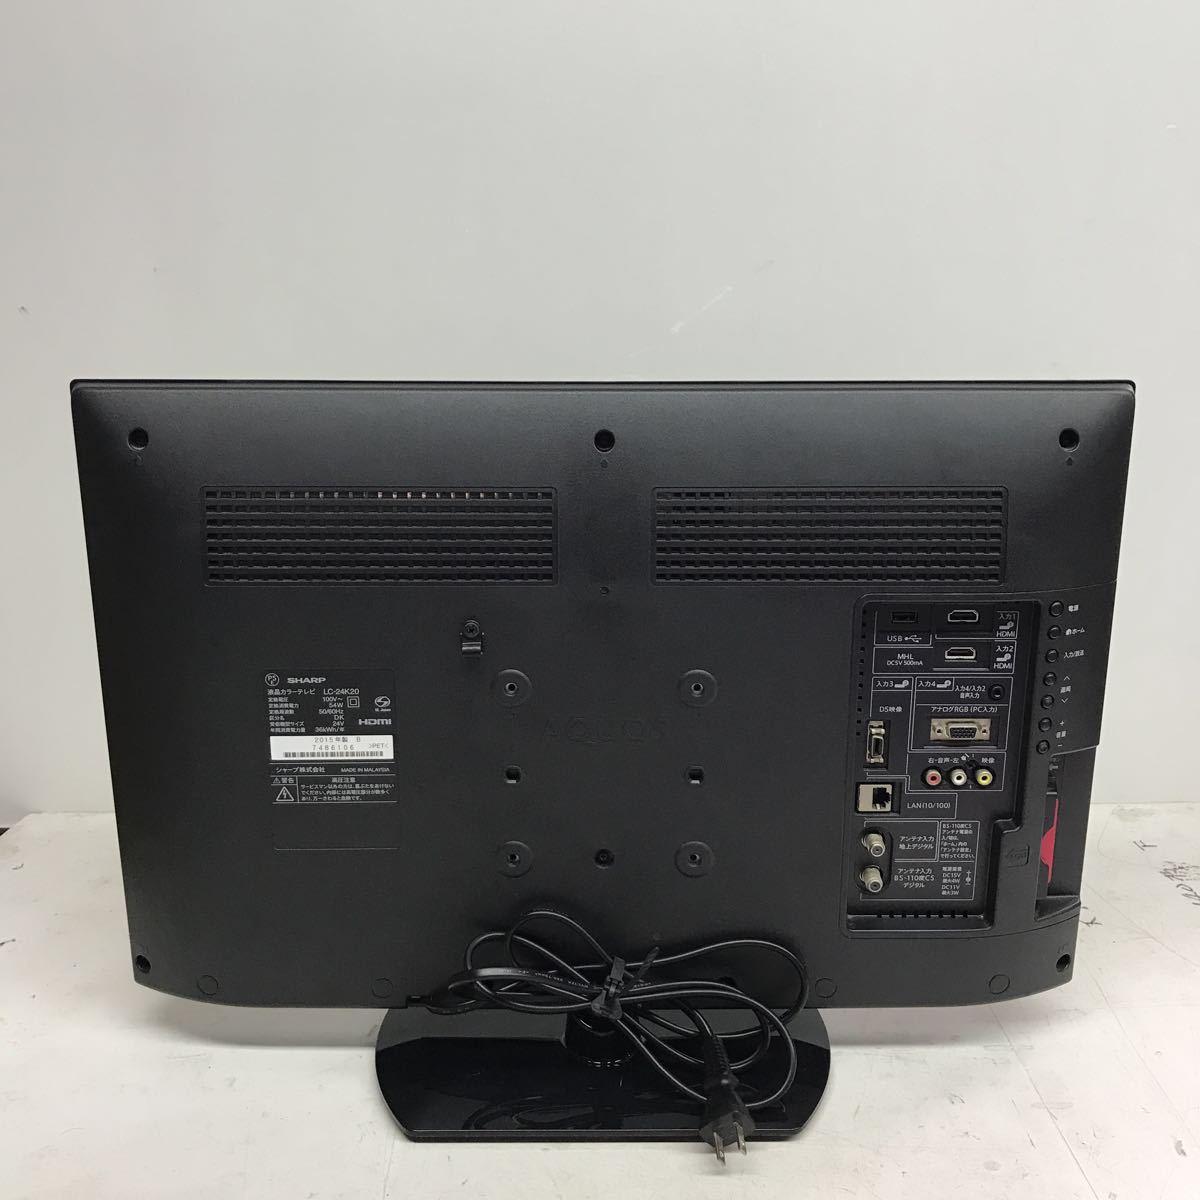 SHARP AQUOS LC-24K20 液晶 テレビ 24型 家電 アクオス シャープ B-CASカード付き 中古_画像3